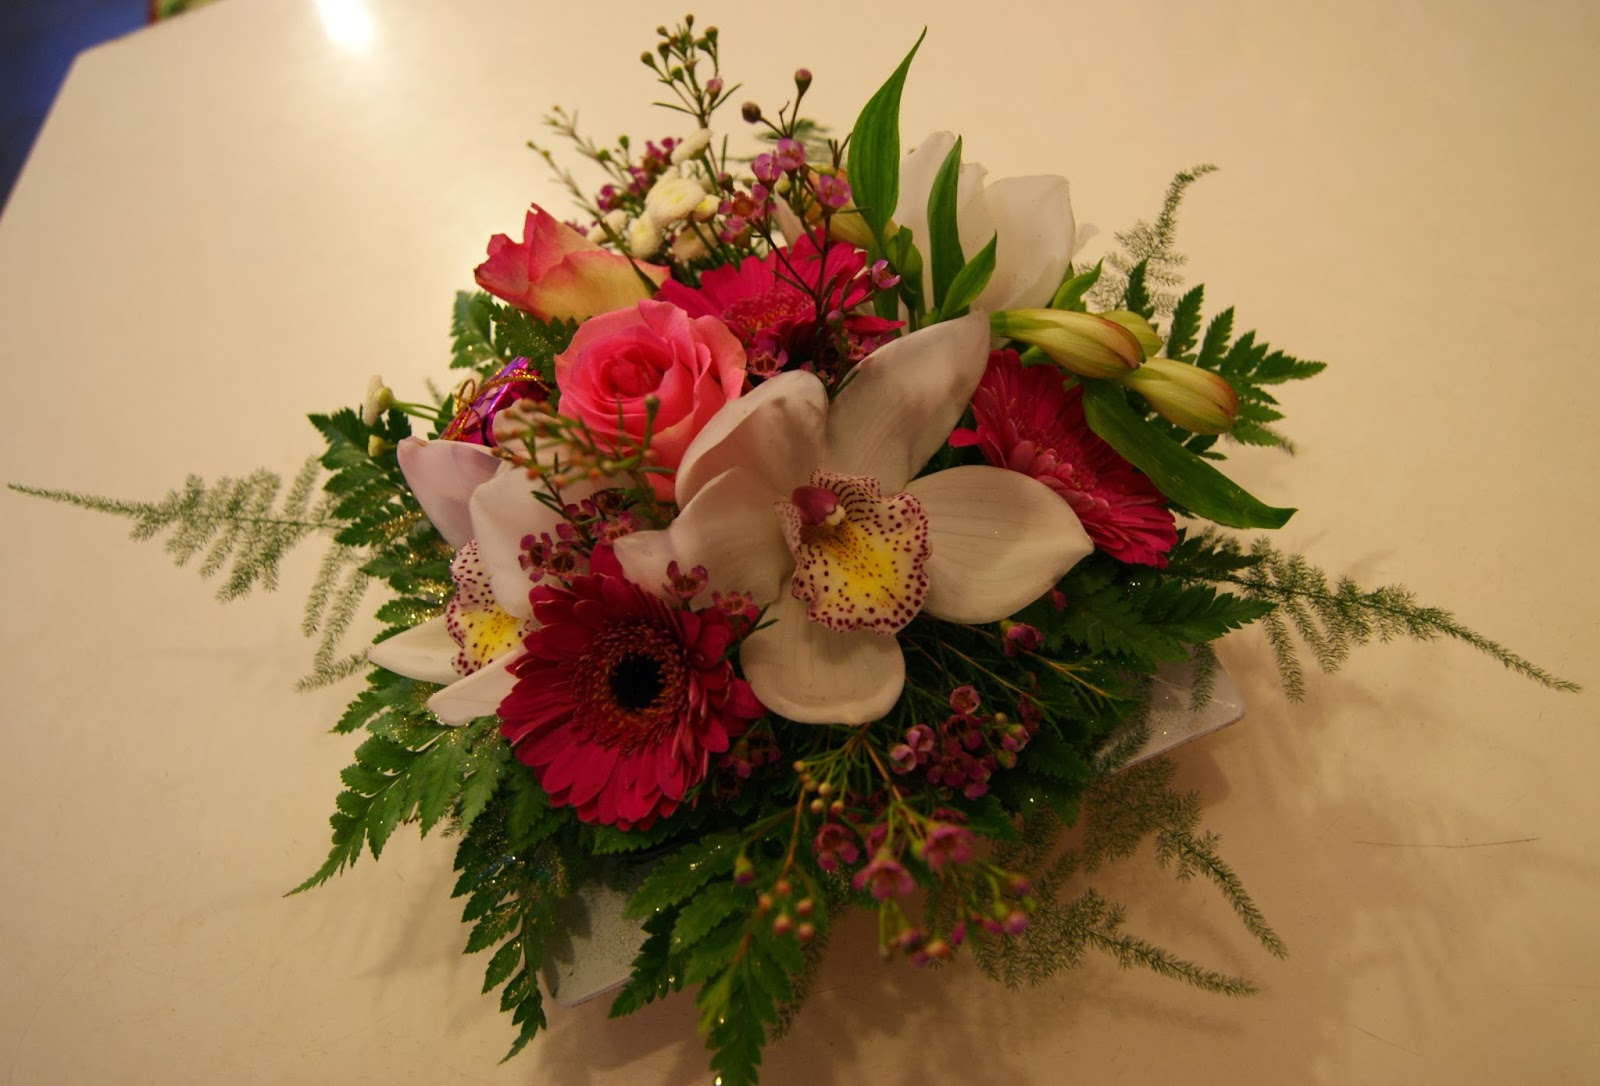 des magnolias sur ma voie lact e compositions florales no l. Black Bedroom Furniture Sets. Home Design Ideas